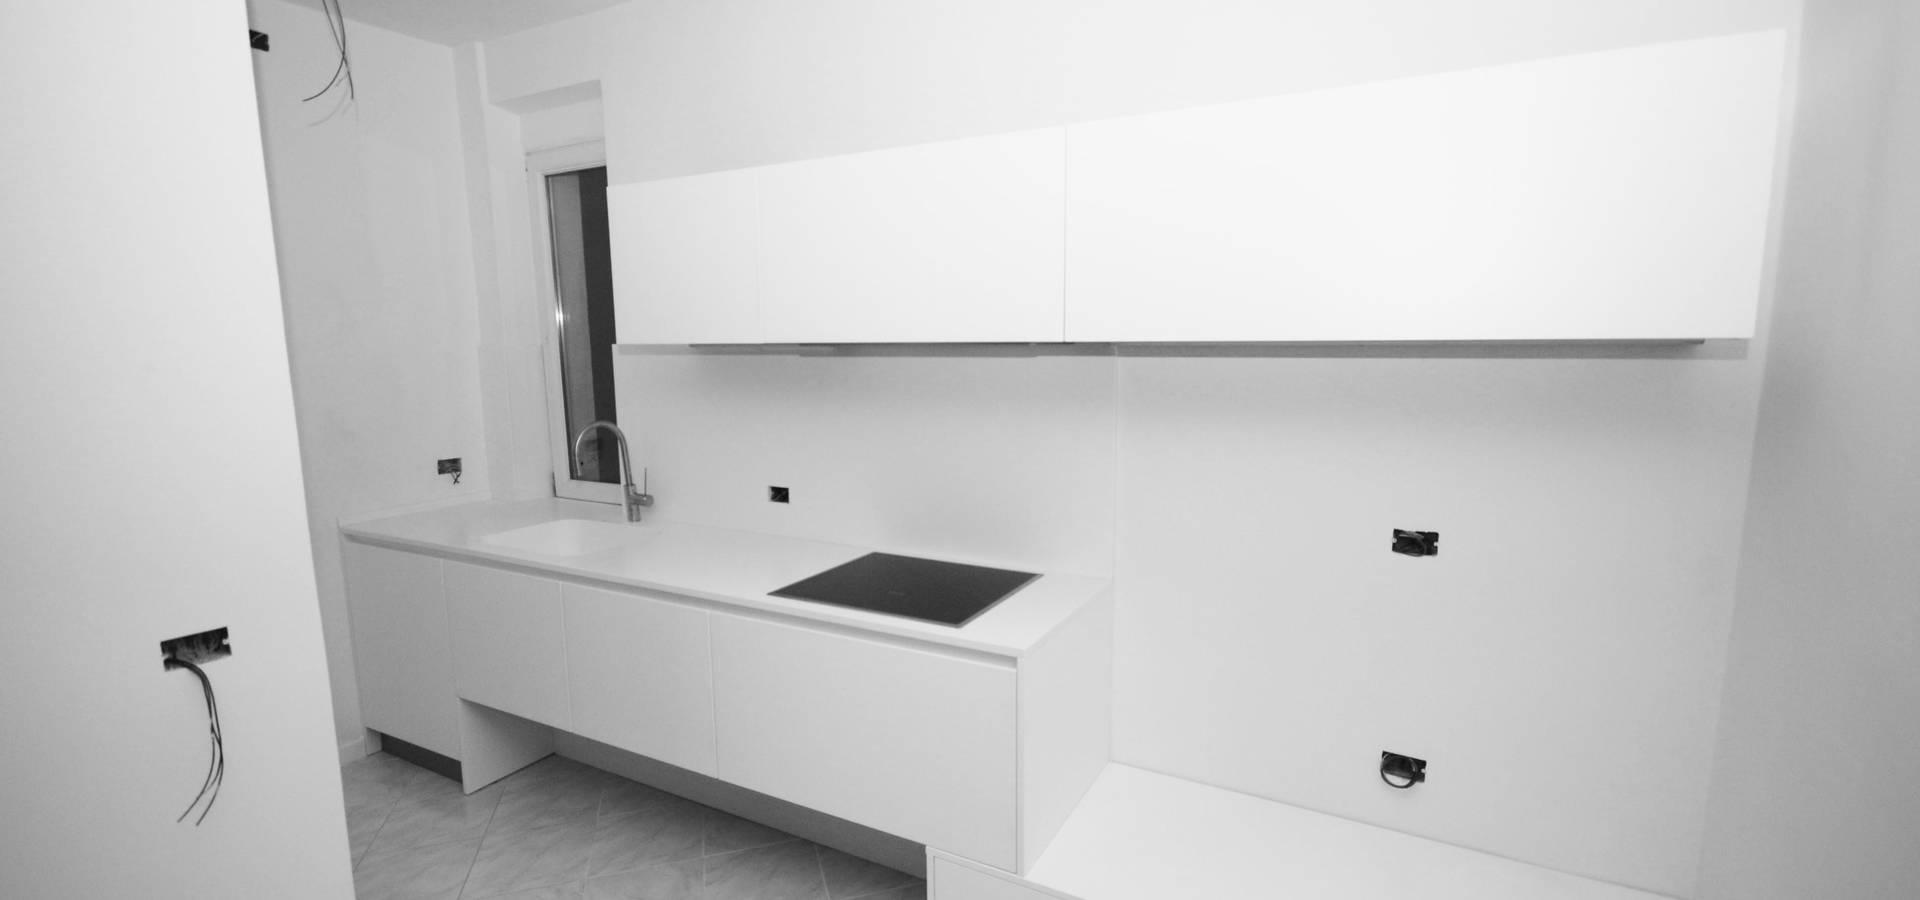 design-puntoacapo / laboratorio creativo